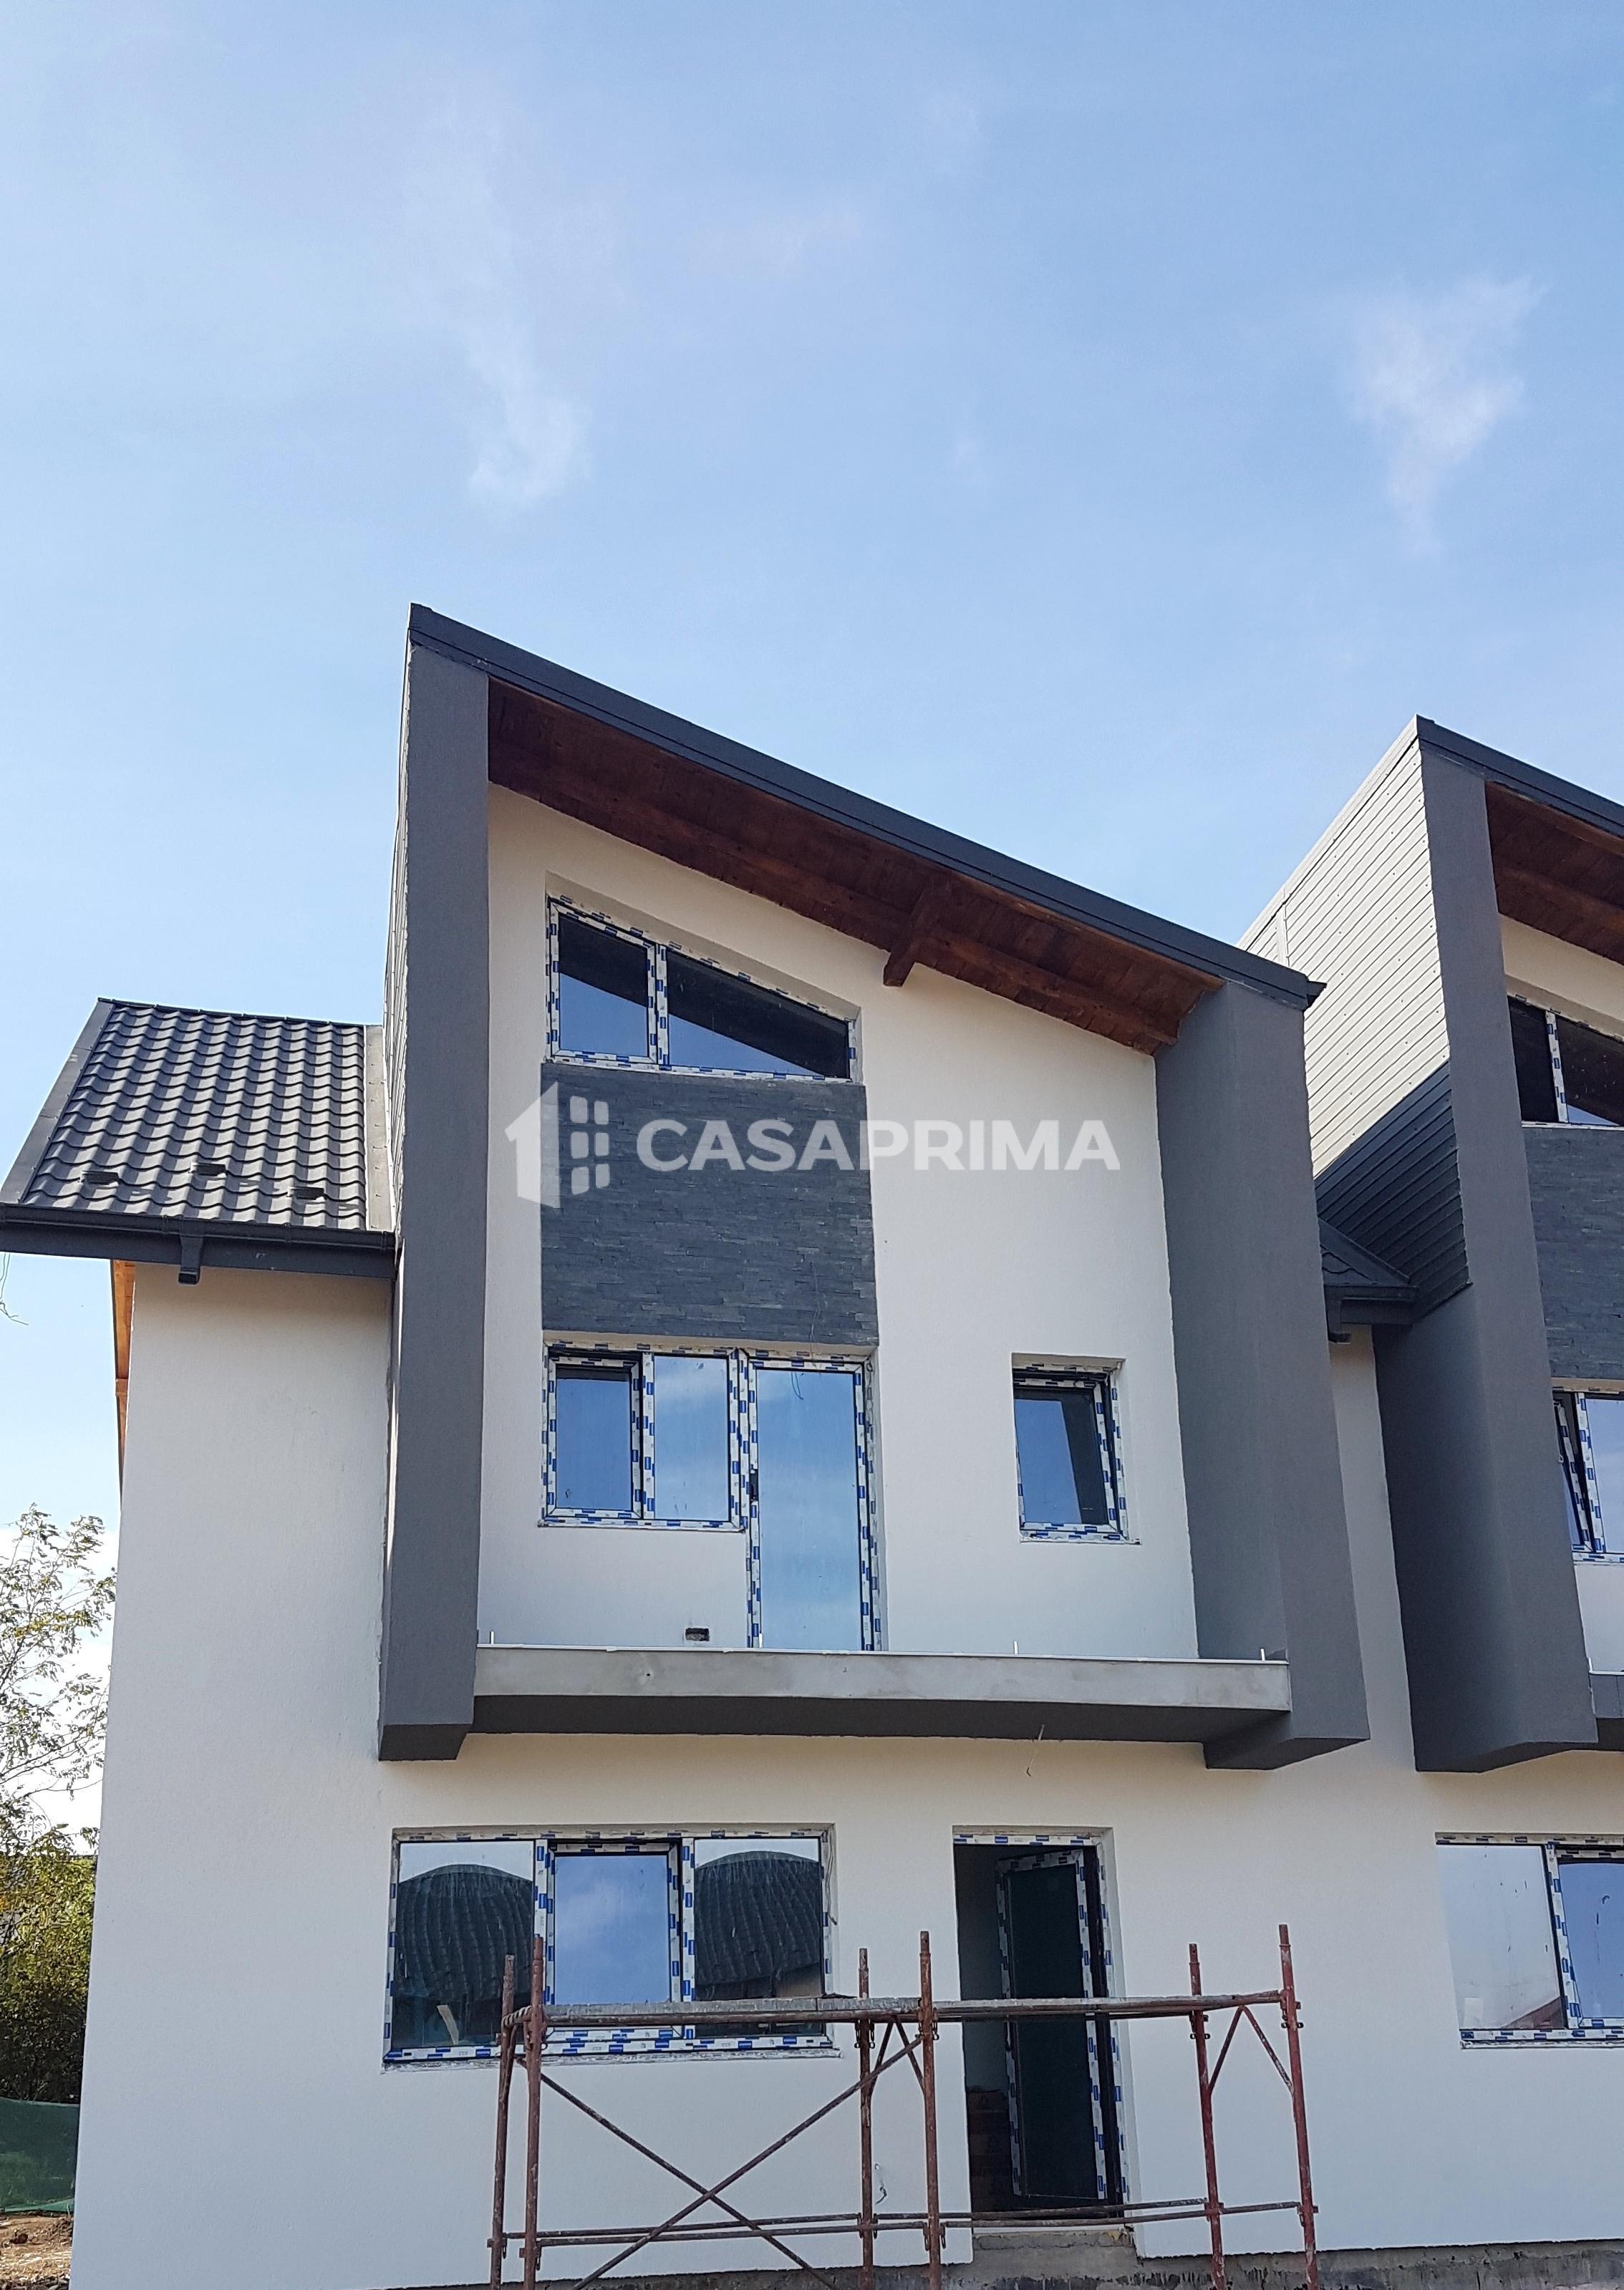 Casa prima - Iva 4 costruzione prima casa ...